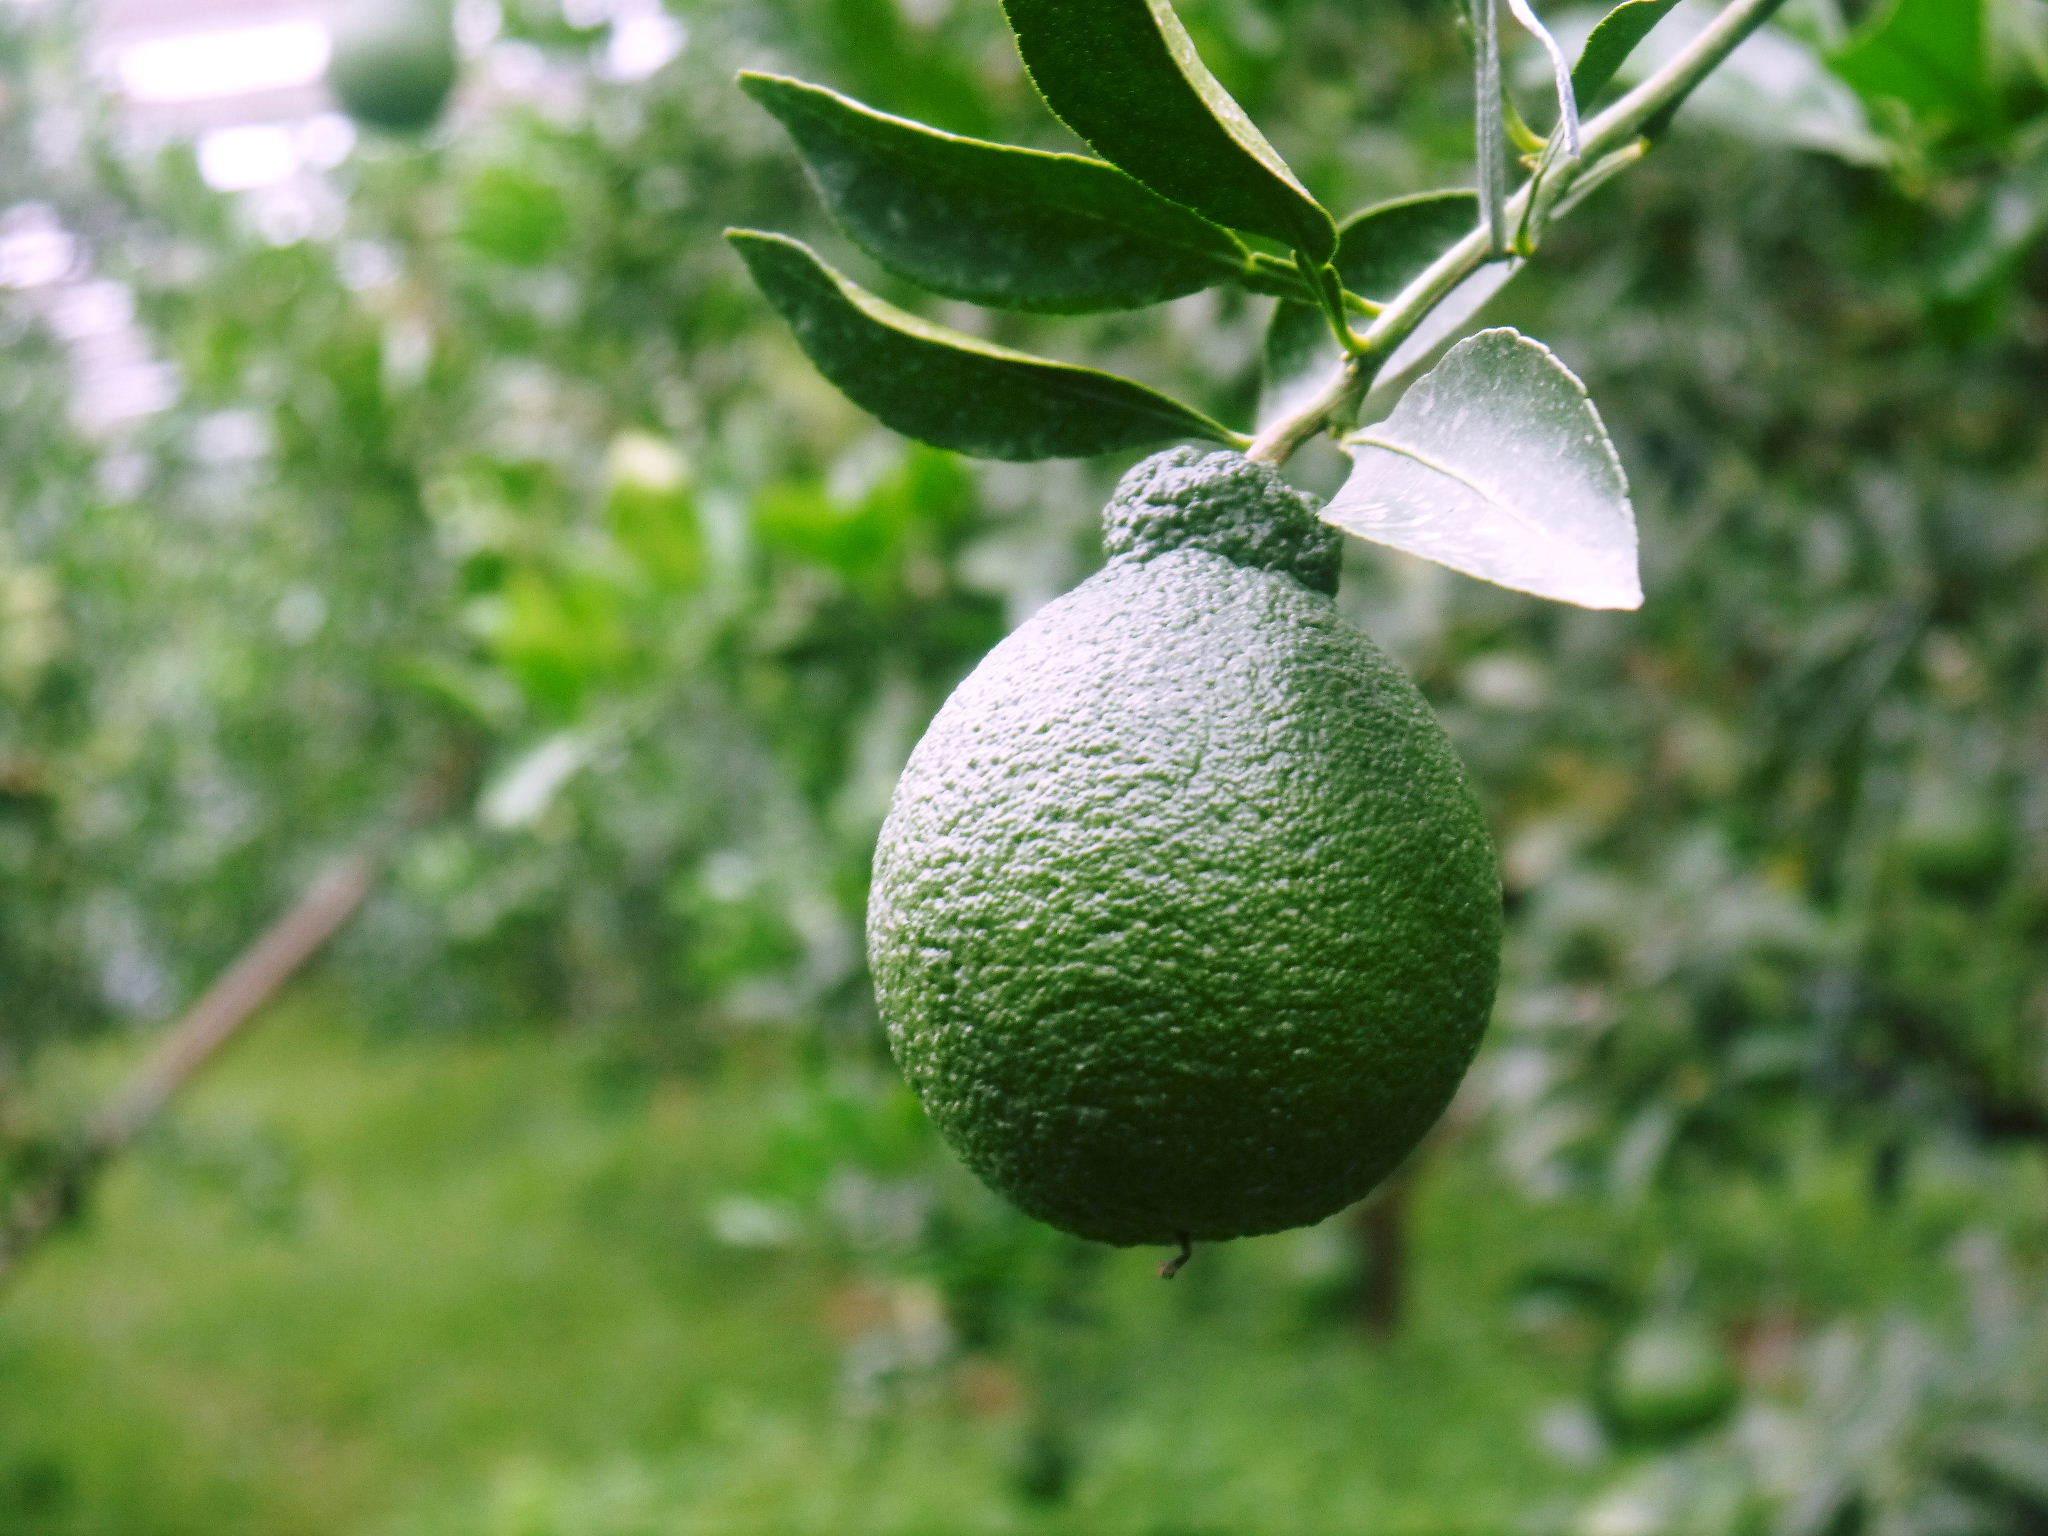 デコポン(肥後ポン) 果実の成長の様子(2021) 来年の花芽となる夏芽も元気に育っています!(後編) _a0254656_17571514.jpg